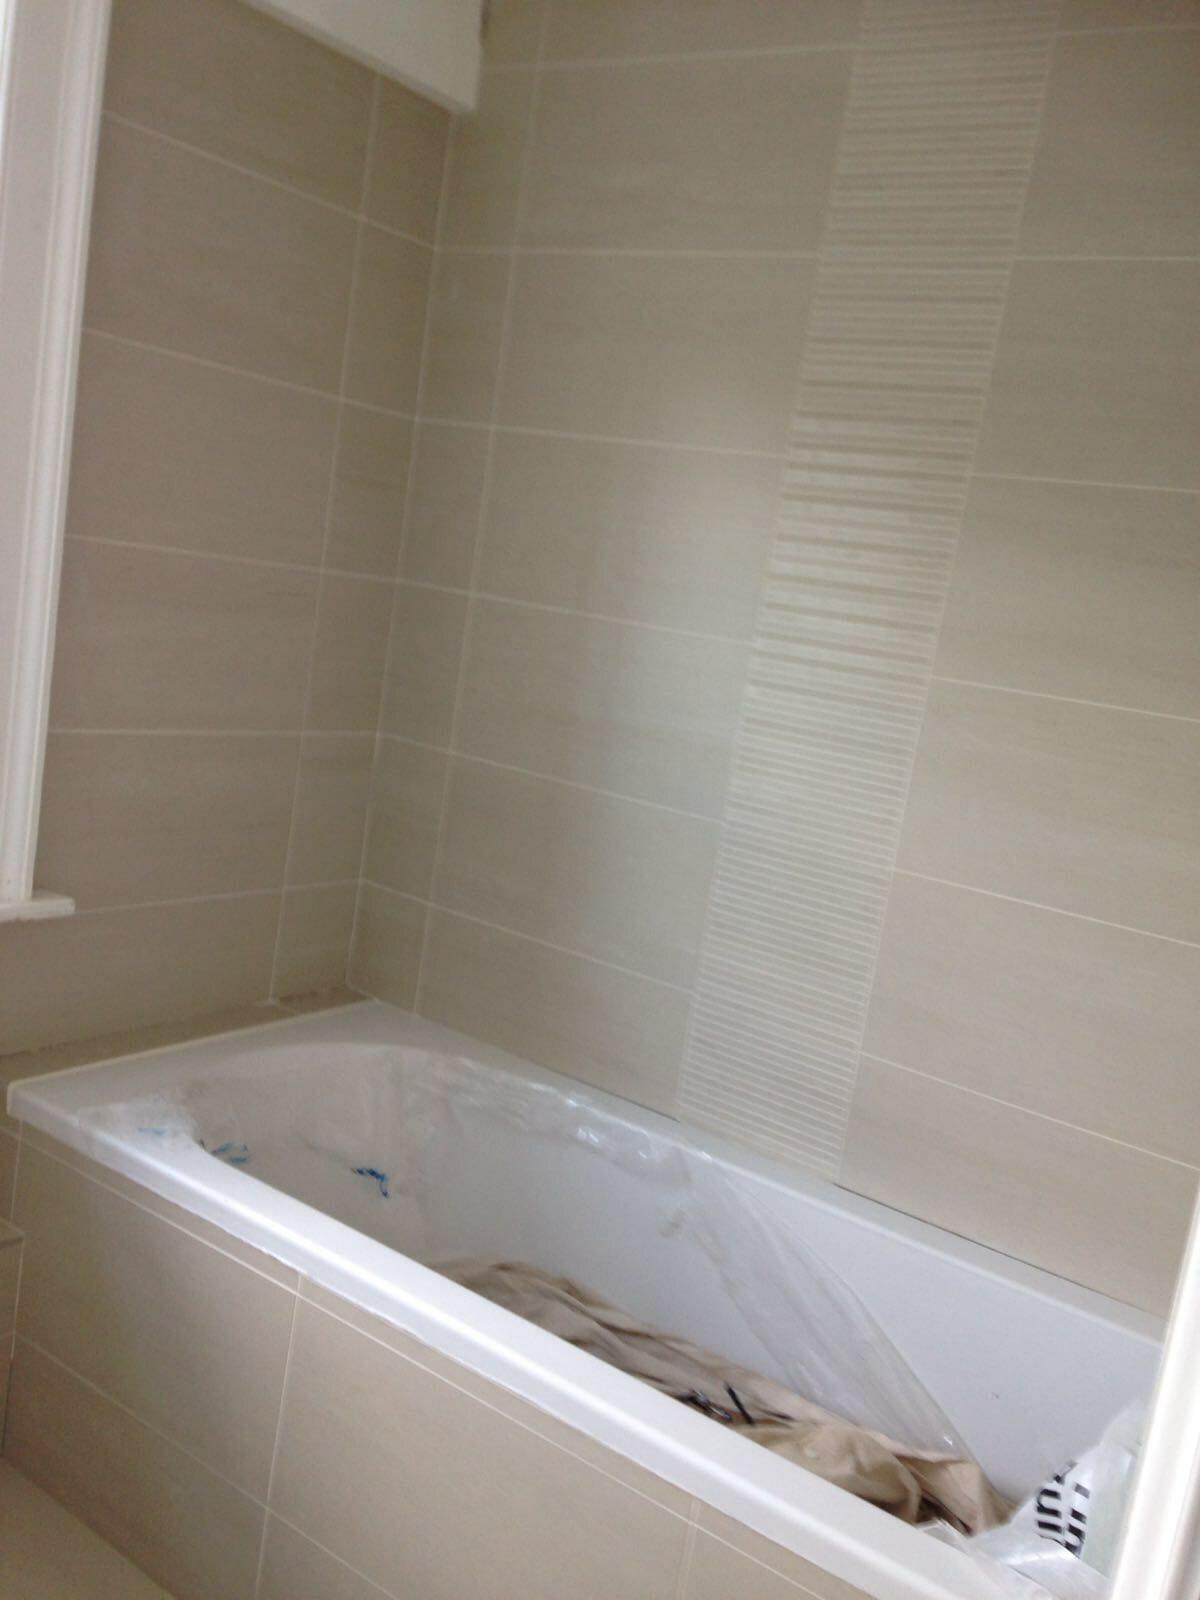 Bathroom Tile Fitting Service Hertford Bathroom Tile